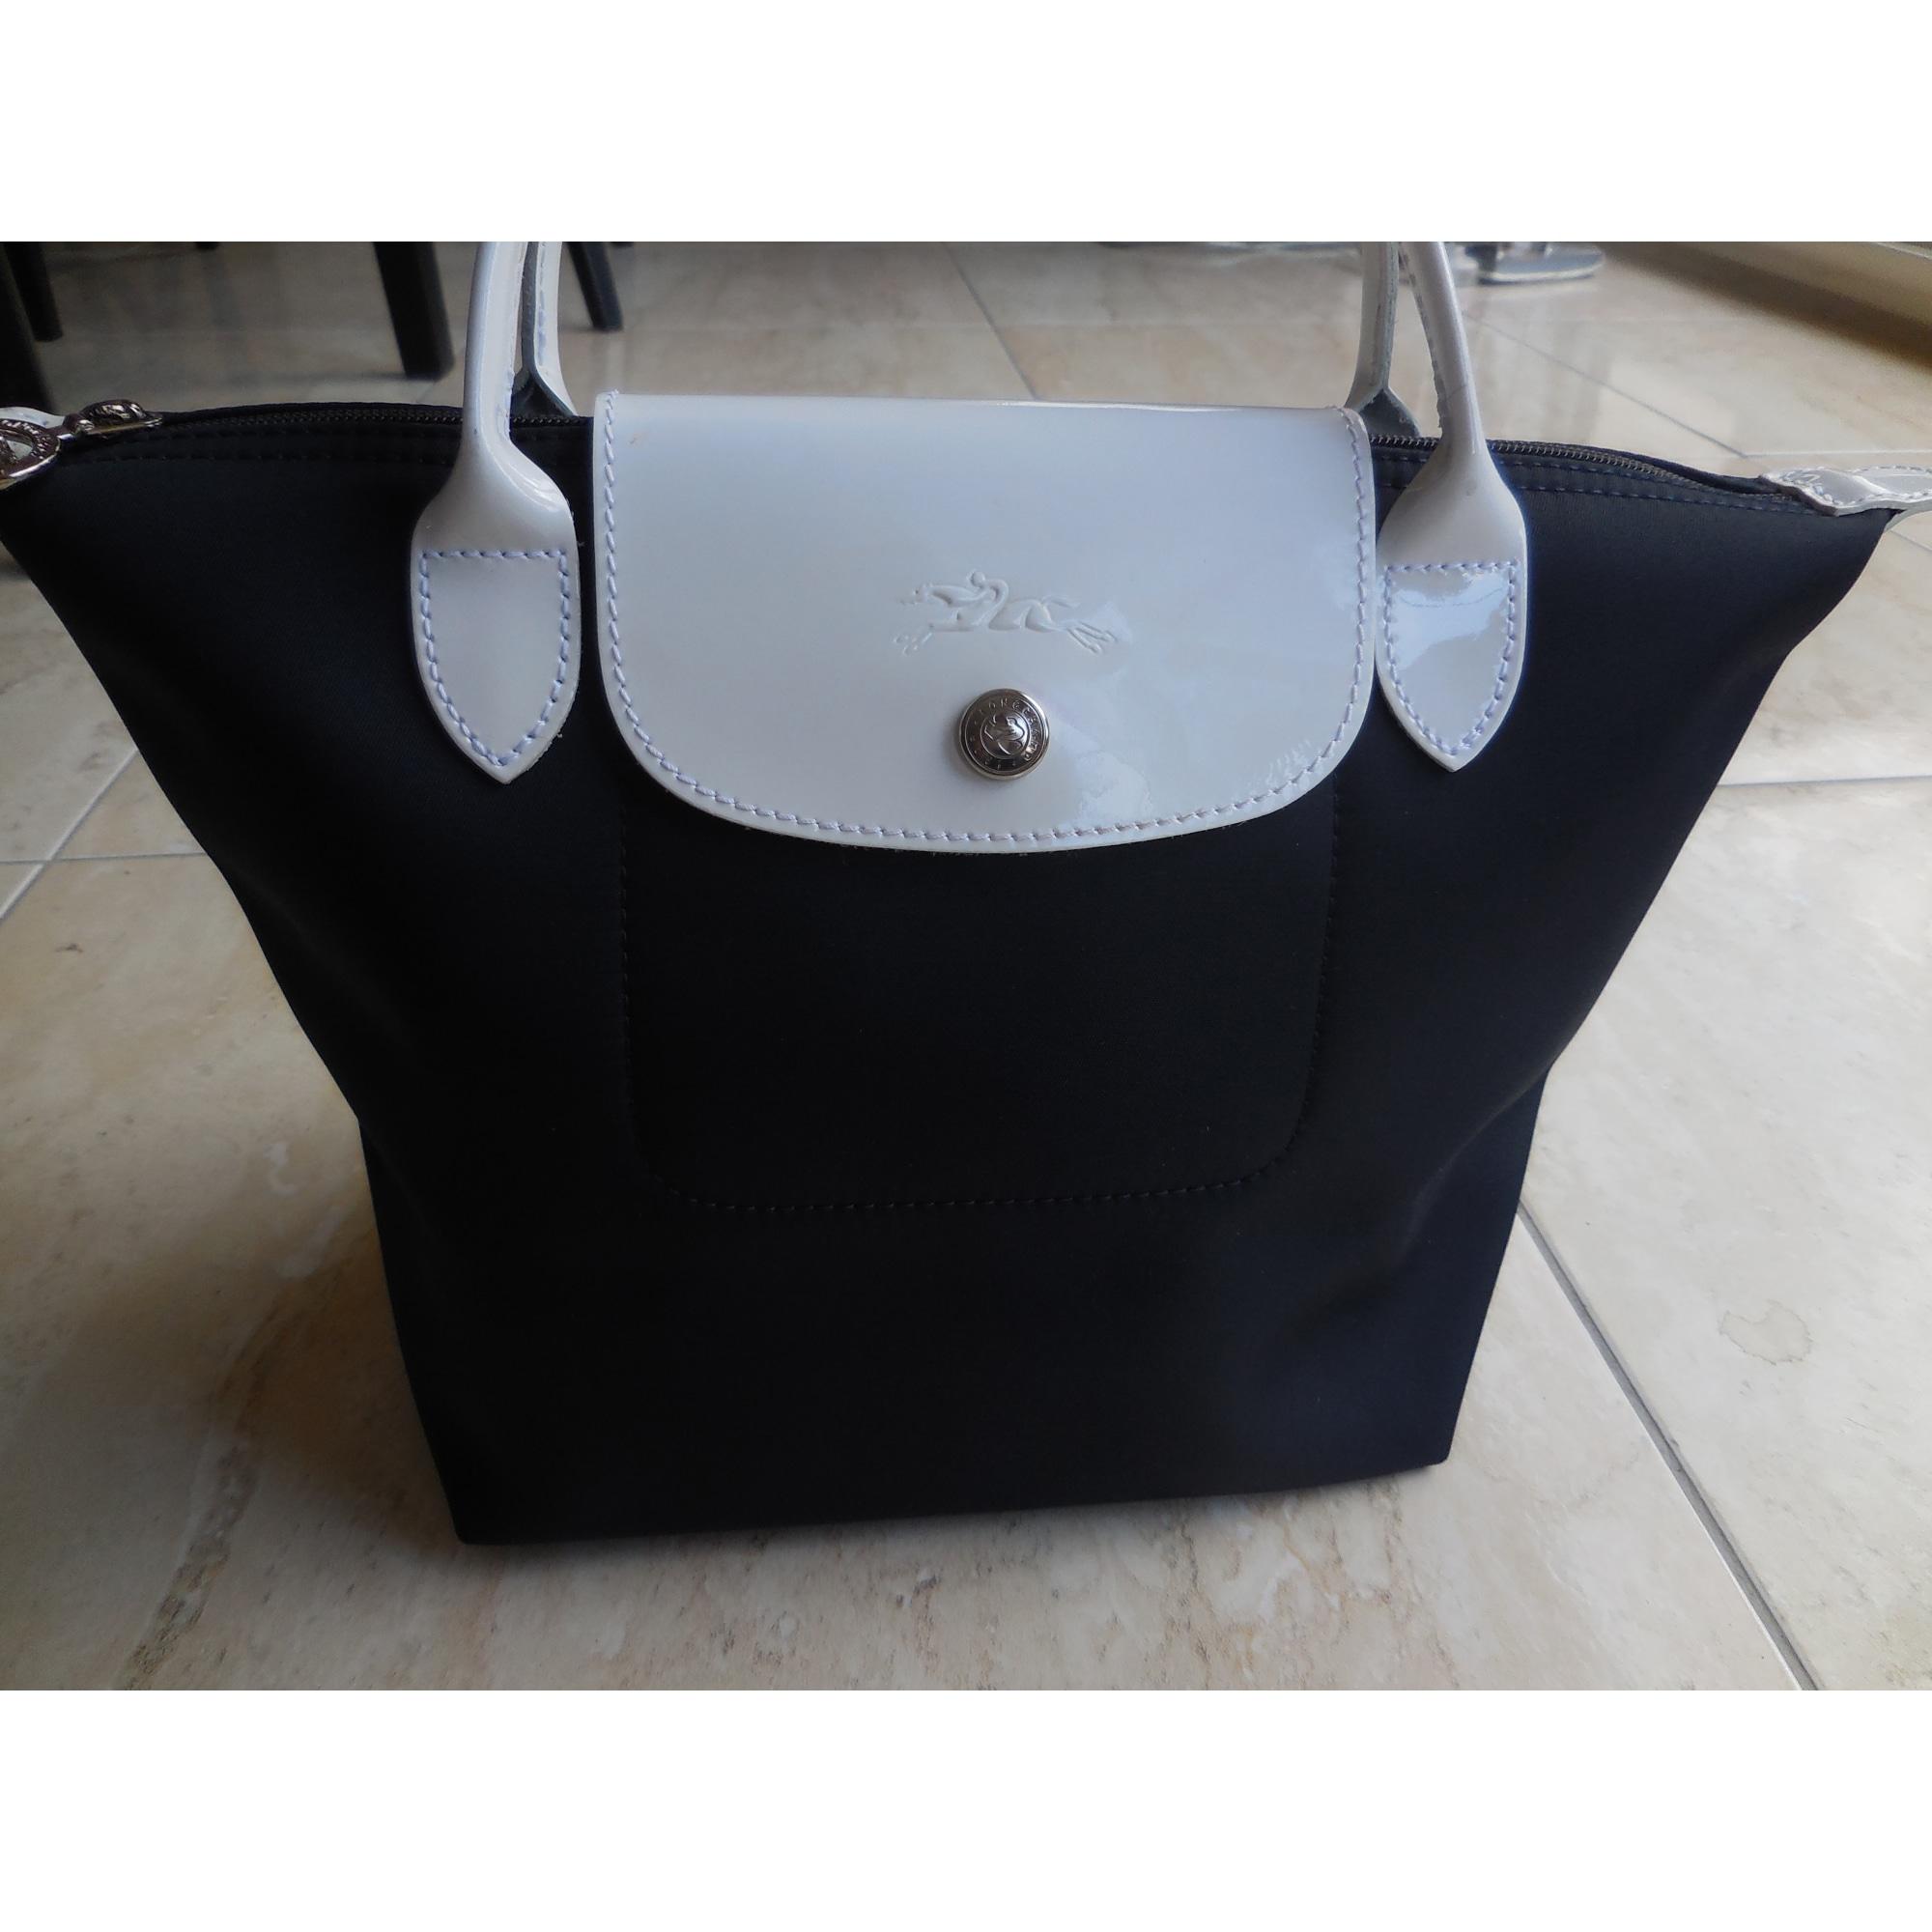 paquet à la mode et attrayant prix abordable design exquis Sac à main en tissu